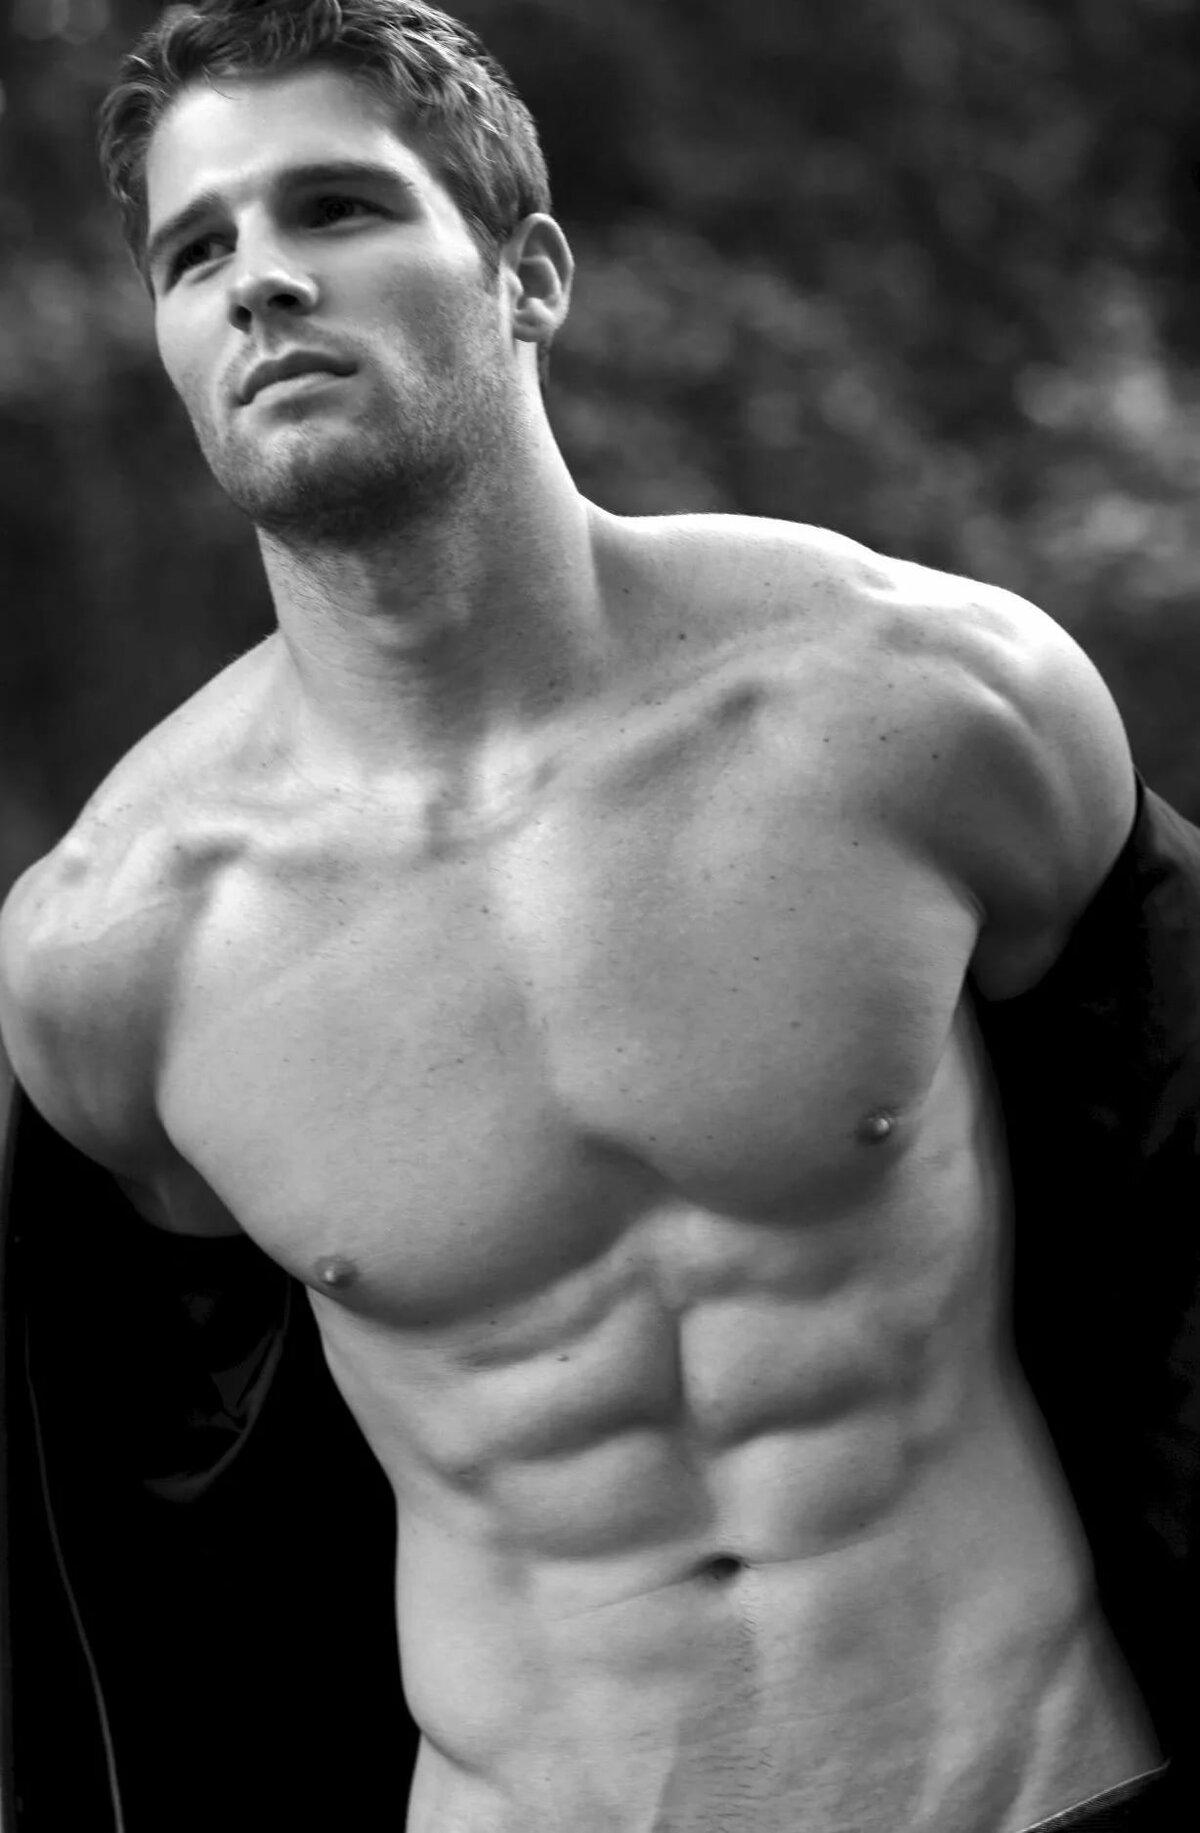 будем каждый крупный план мужского тела фото телу прошли судорги